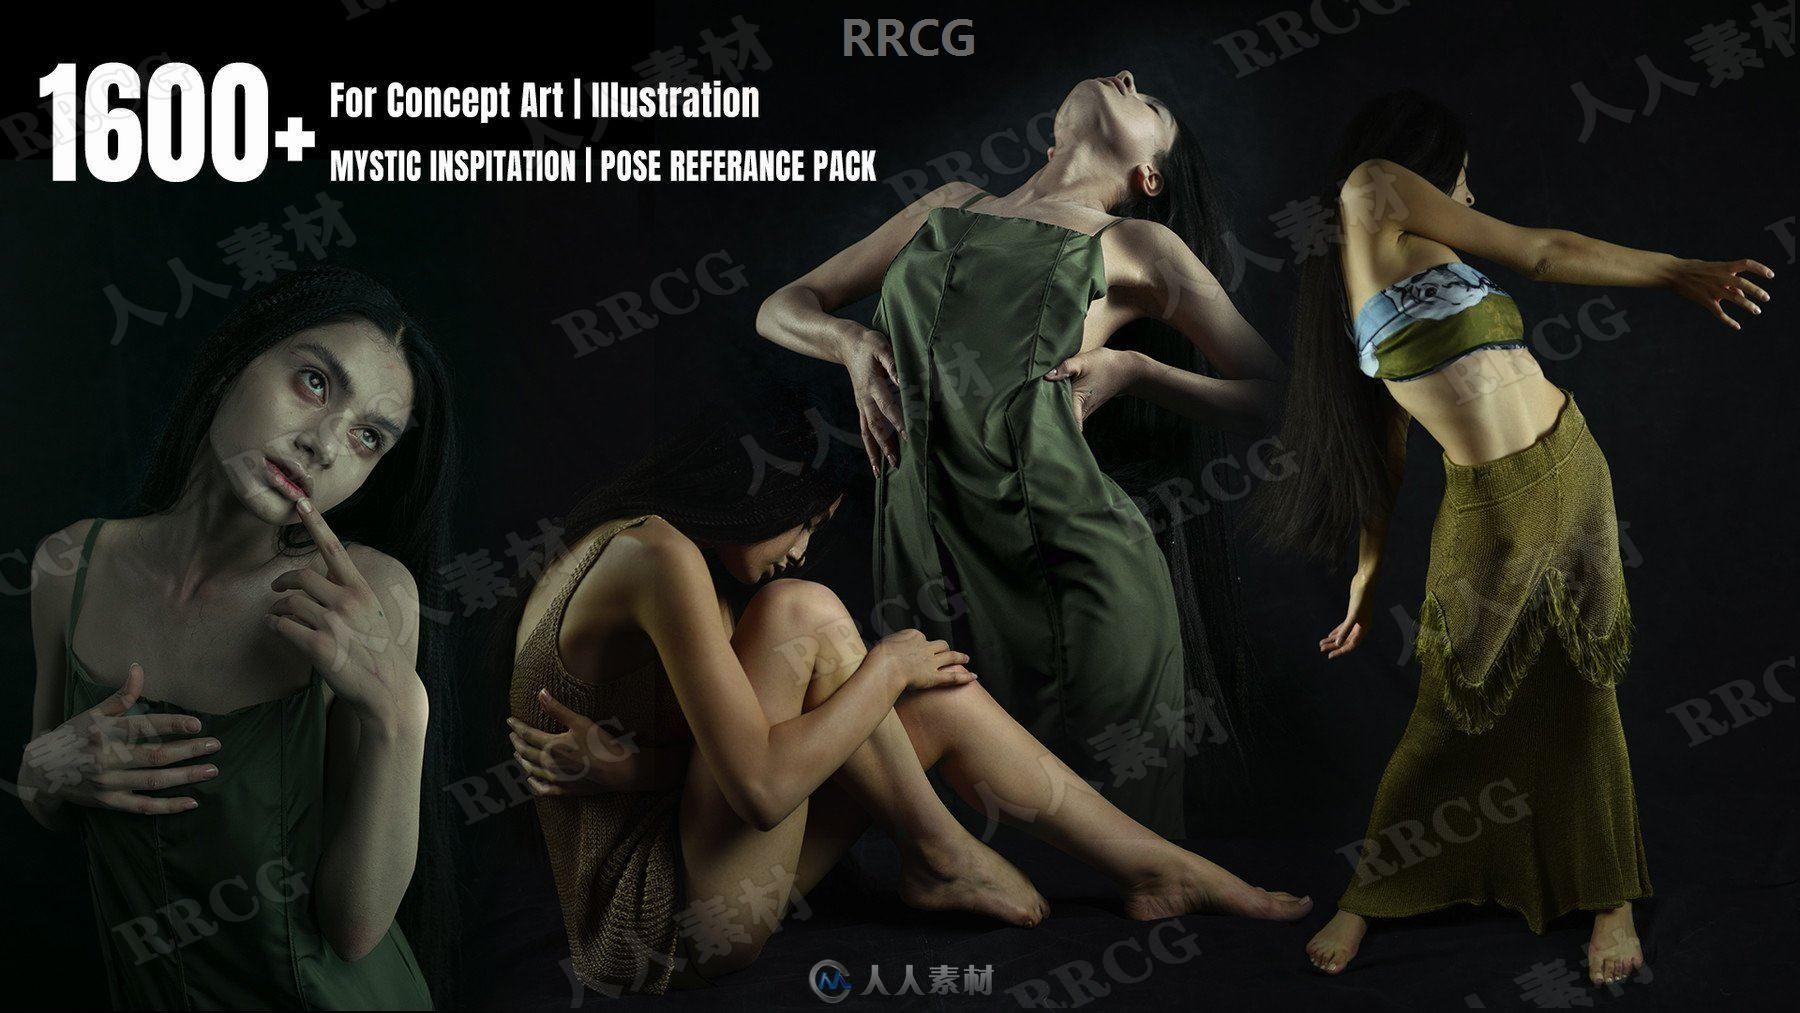 1600组丰富灵感女性姿势造型高清参考图片合集